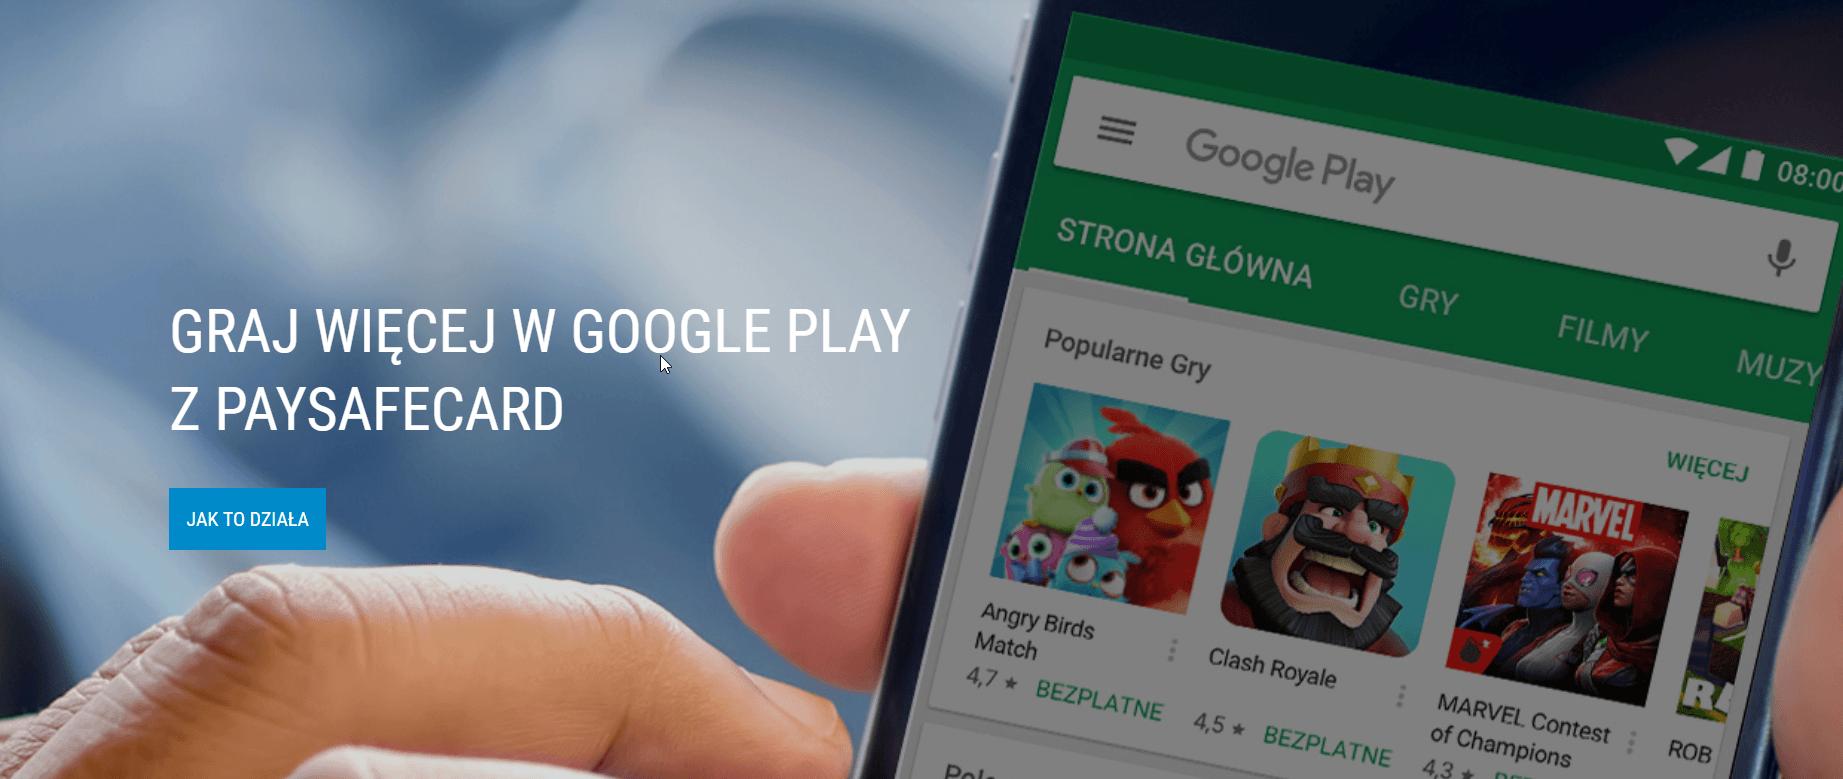 Tabletowo.pl PaySafeCard pojawiło się w sklepie Google Play - to naprawdę spore ułatwienie Android Nowości